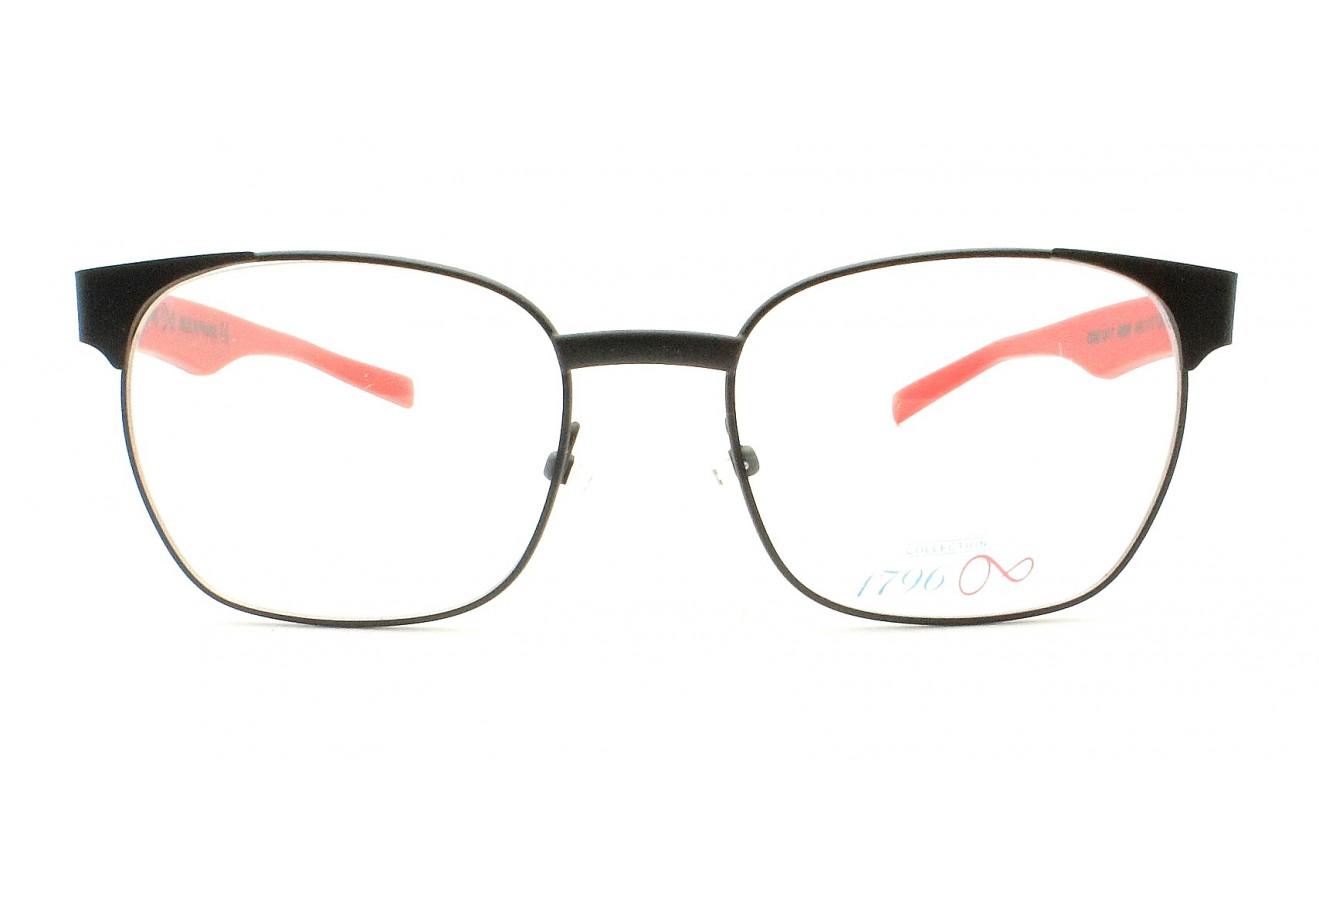 lunettes de vue 1796 cbac 1817 noir 49 17. Black Bedroom Furniture Sets. Home Design Ideas